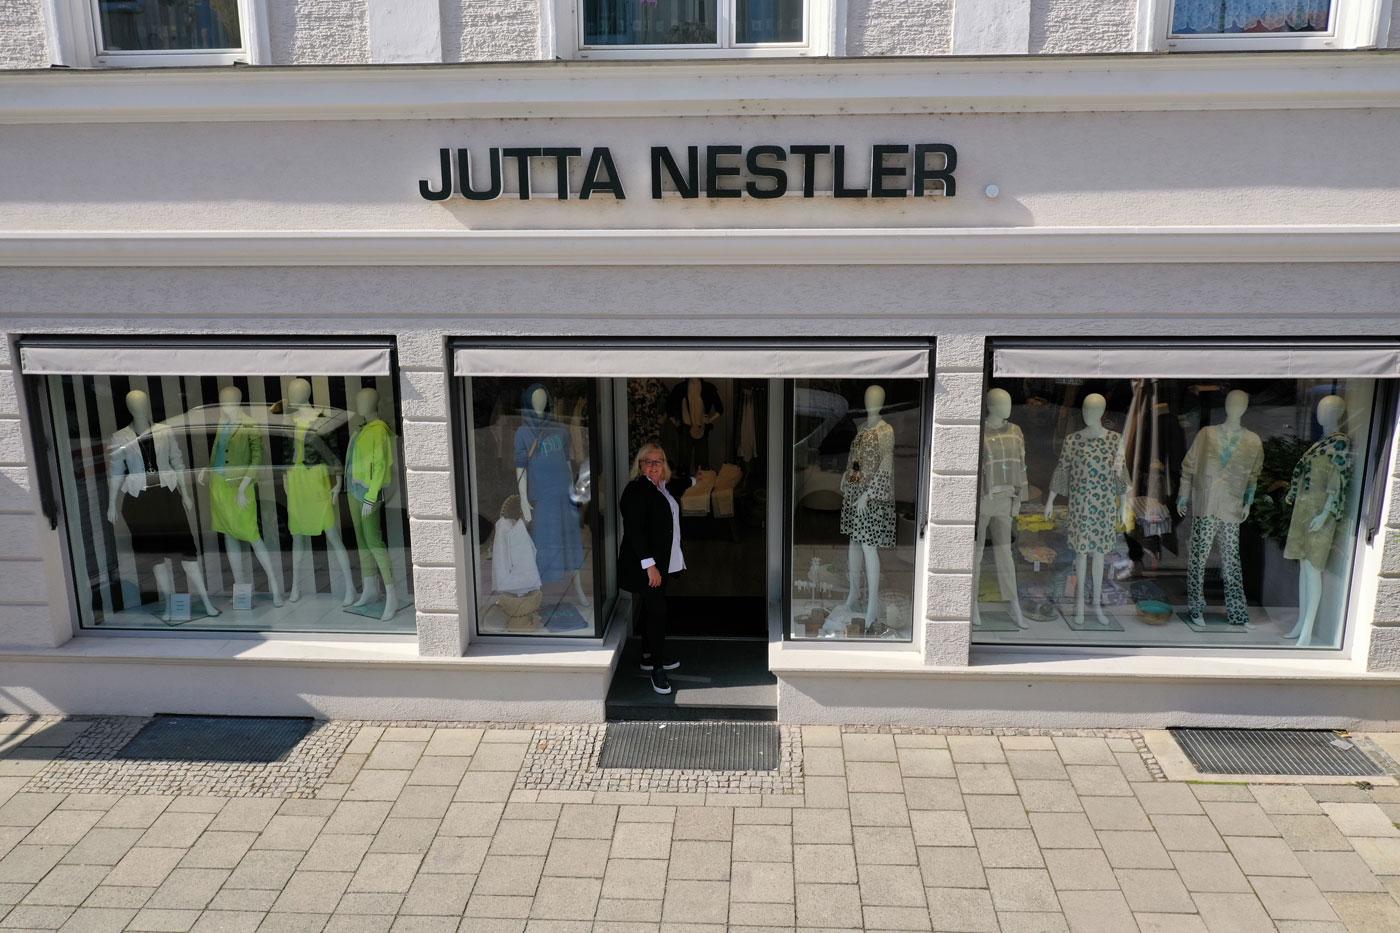 jutta-nestler-geschäft-Kontakt